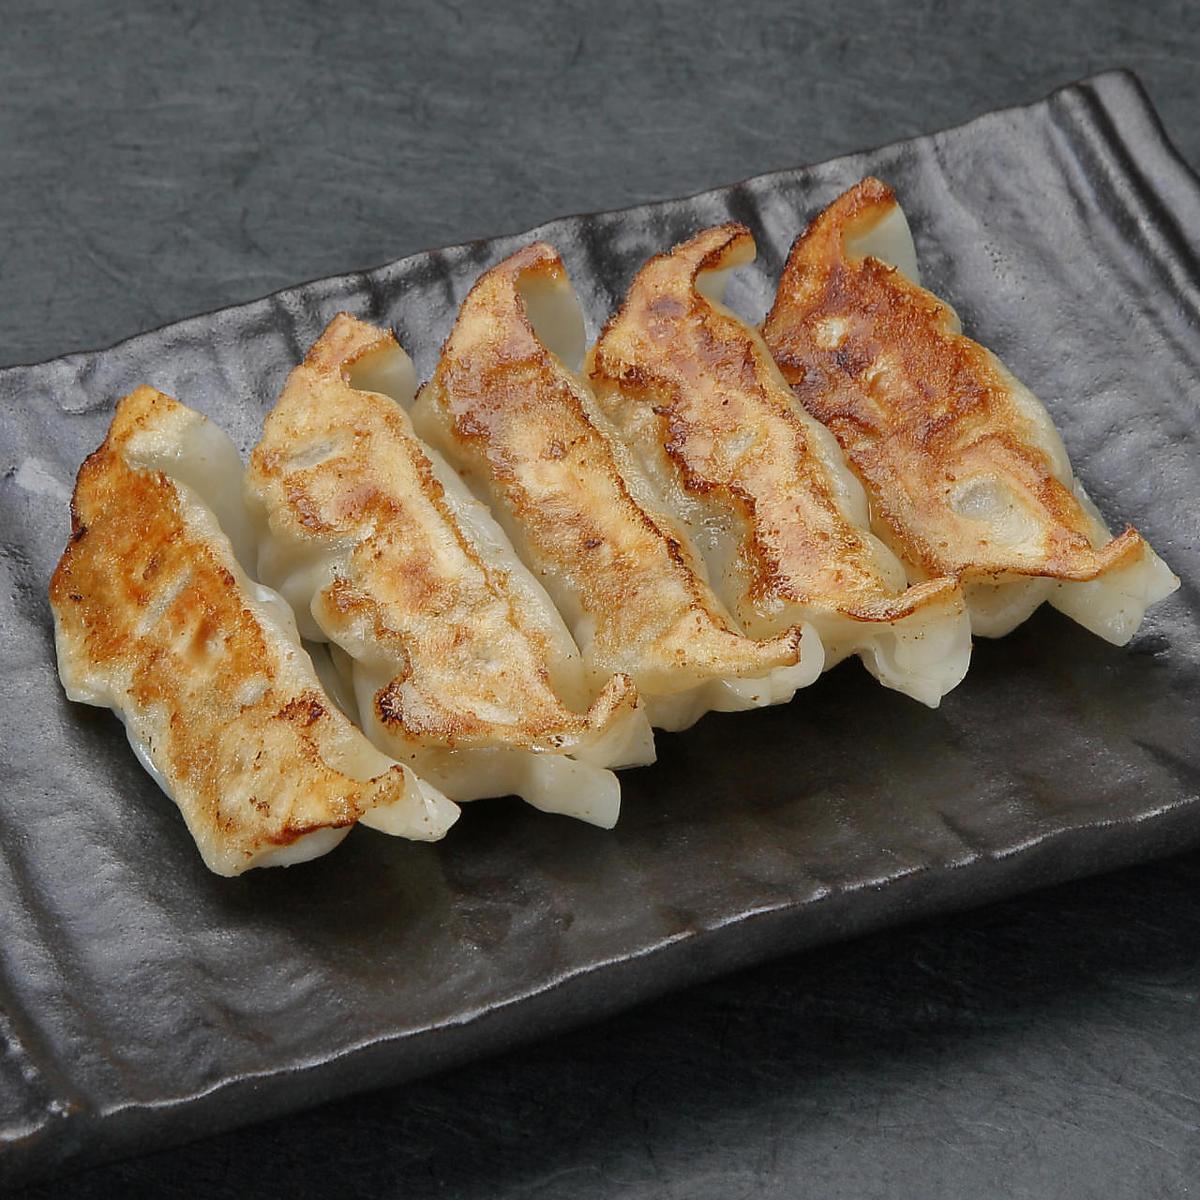 真正的饺子